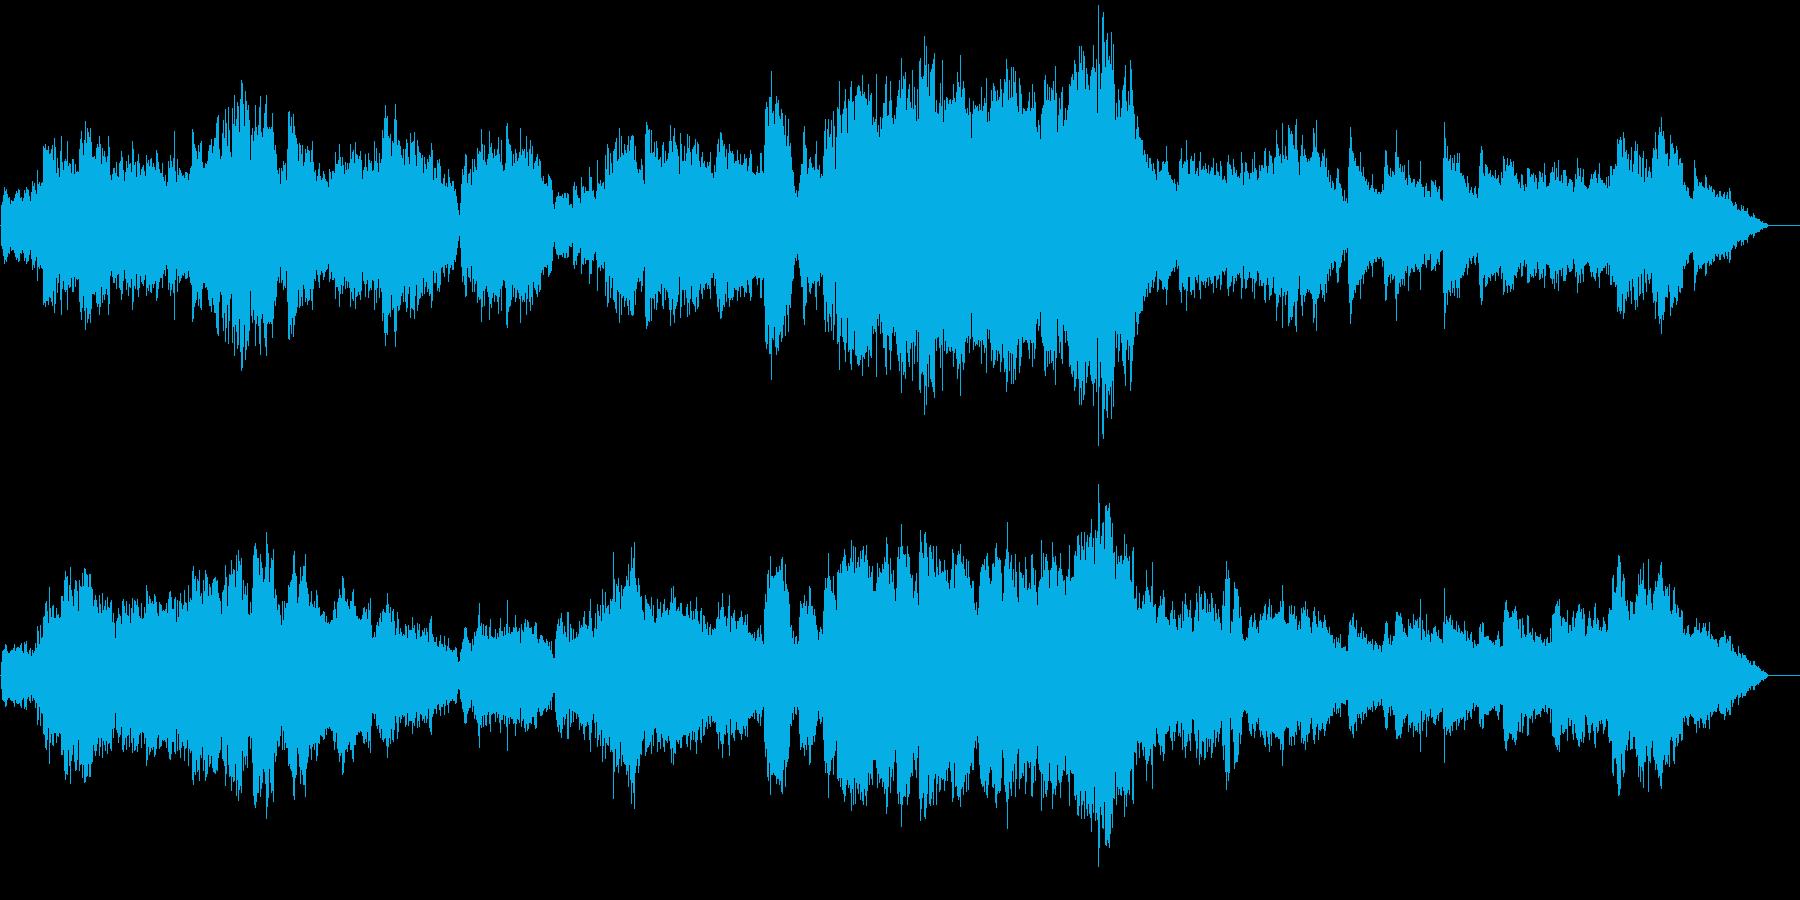 穏やかな旋律の柔らいオーケストラサウンドの再生済みの波形